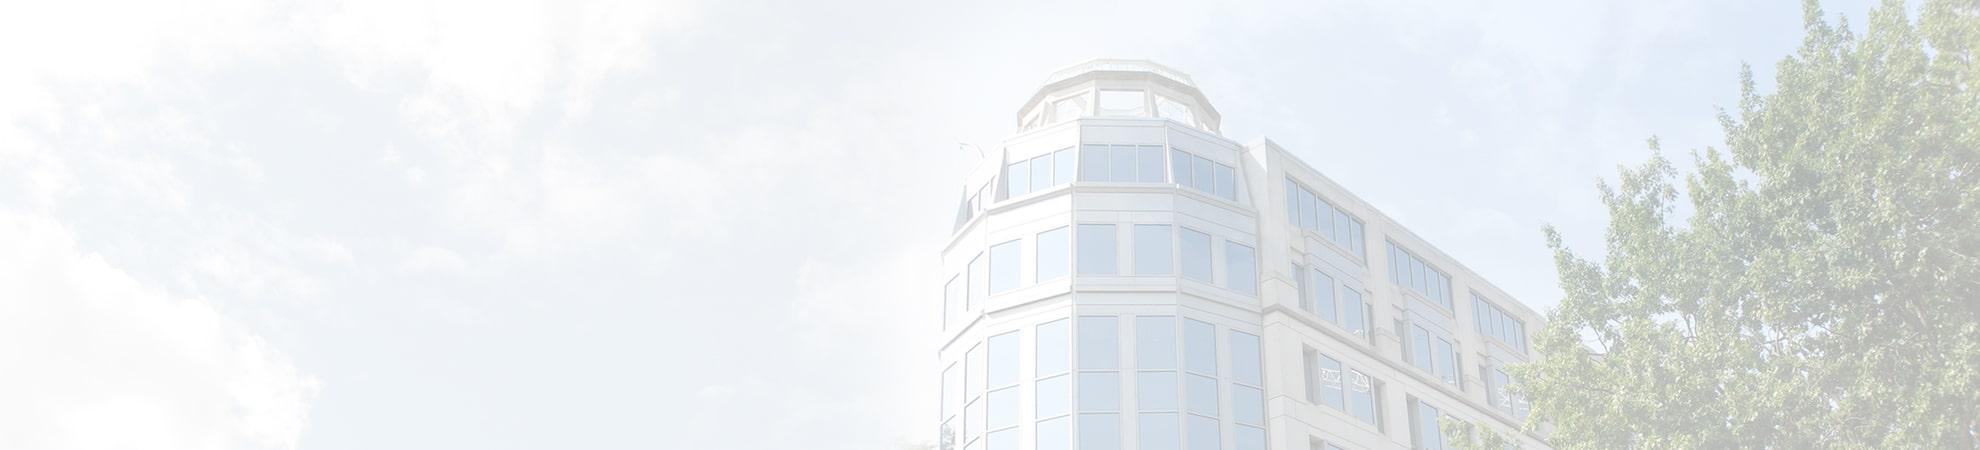 usitc building